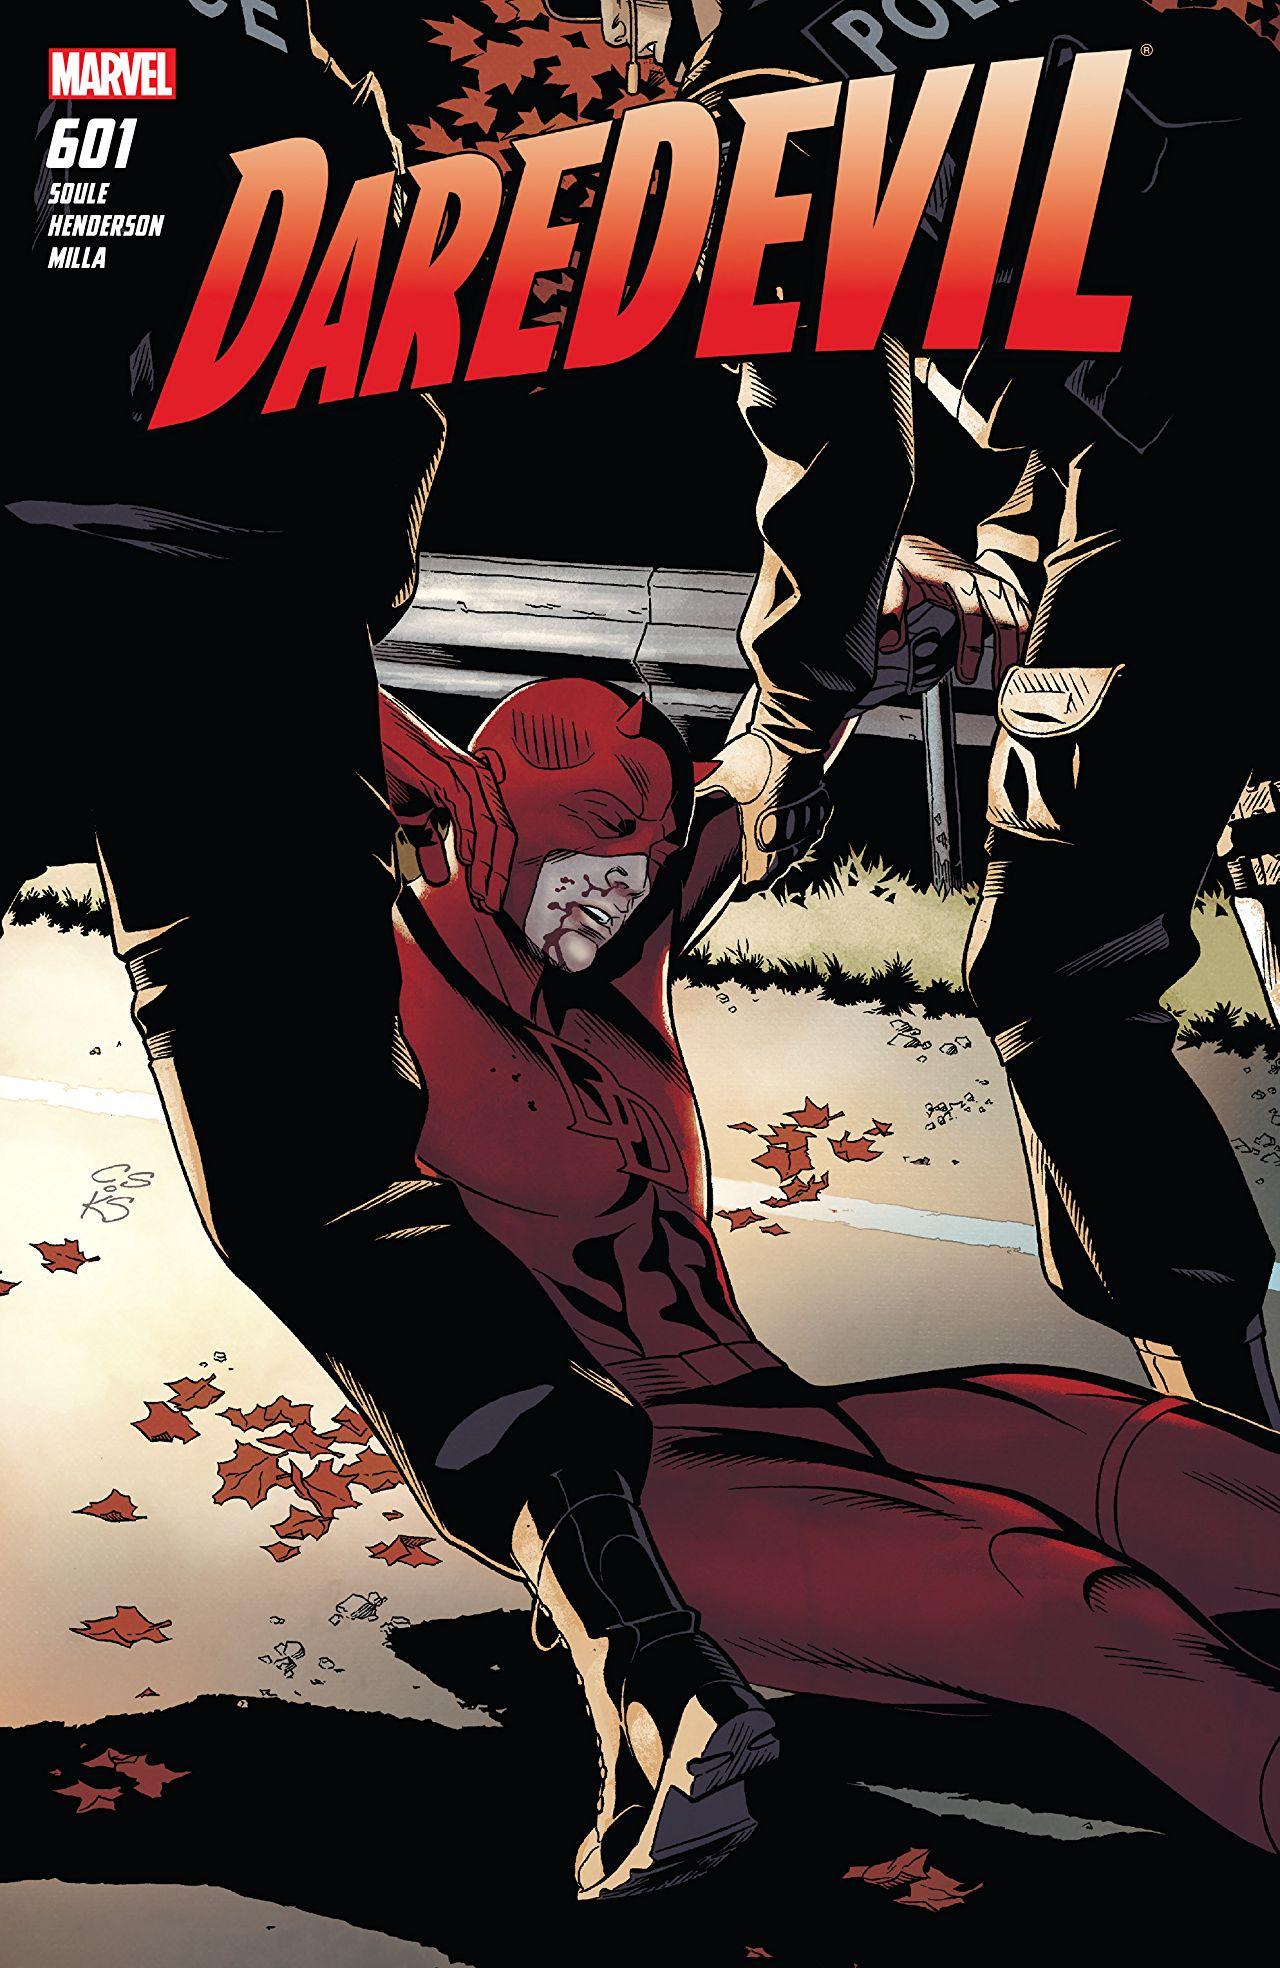 Daredevil 601